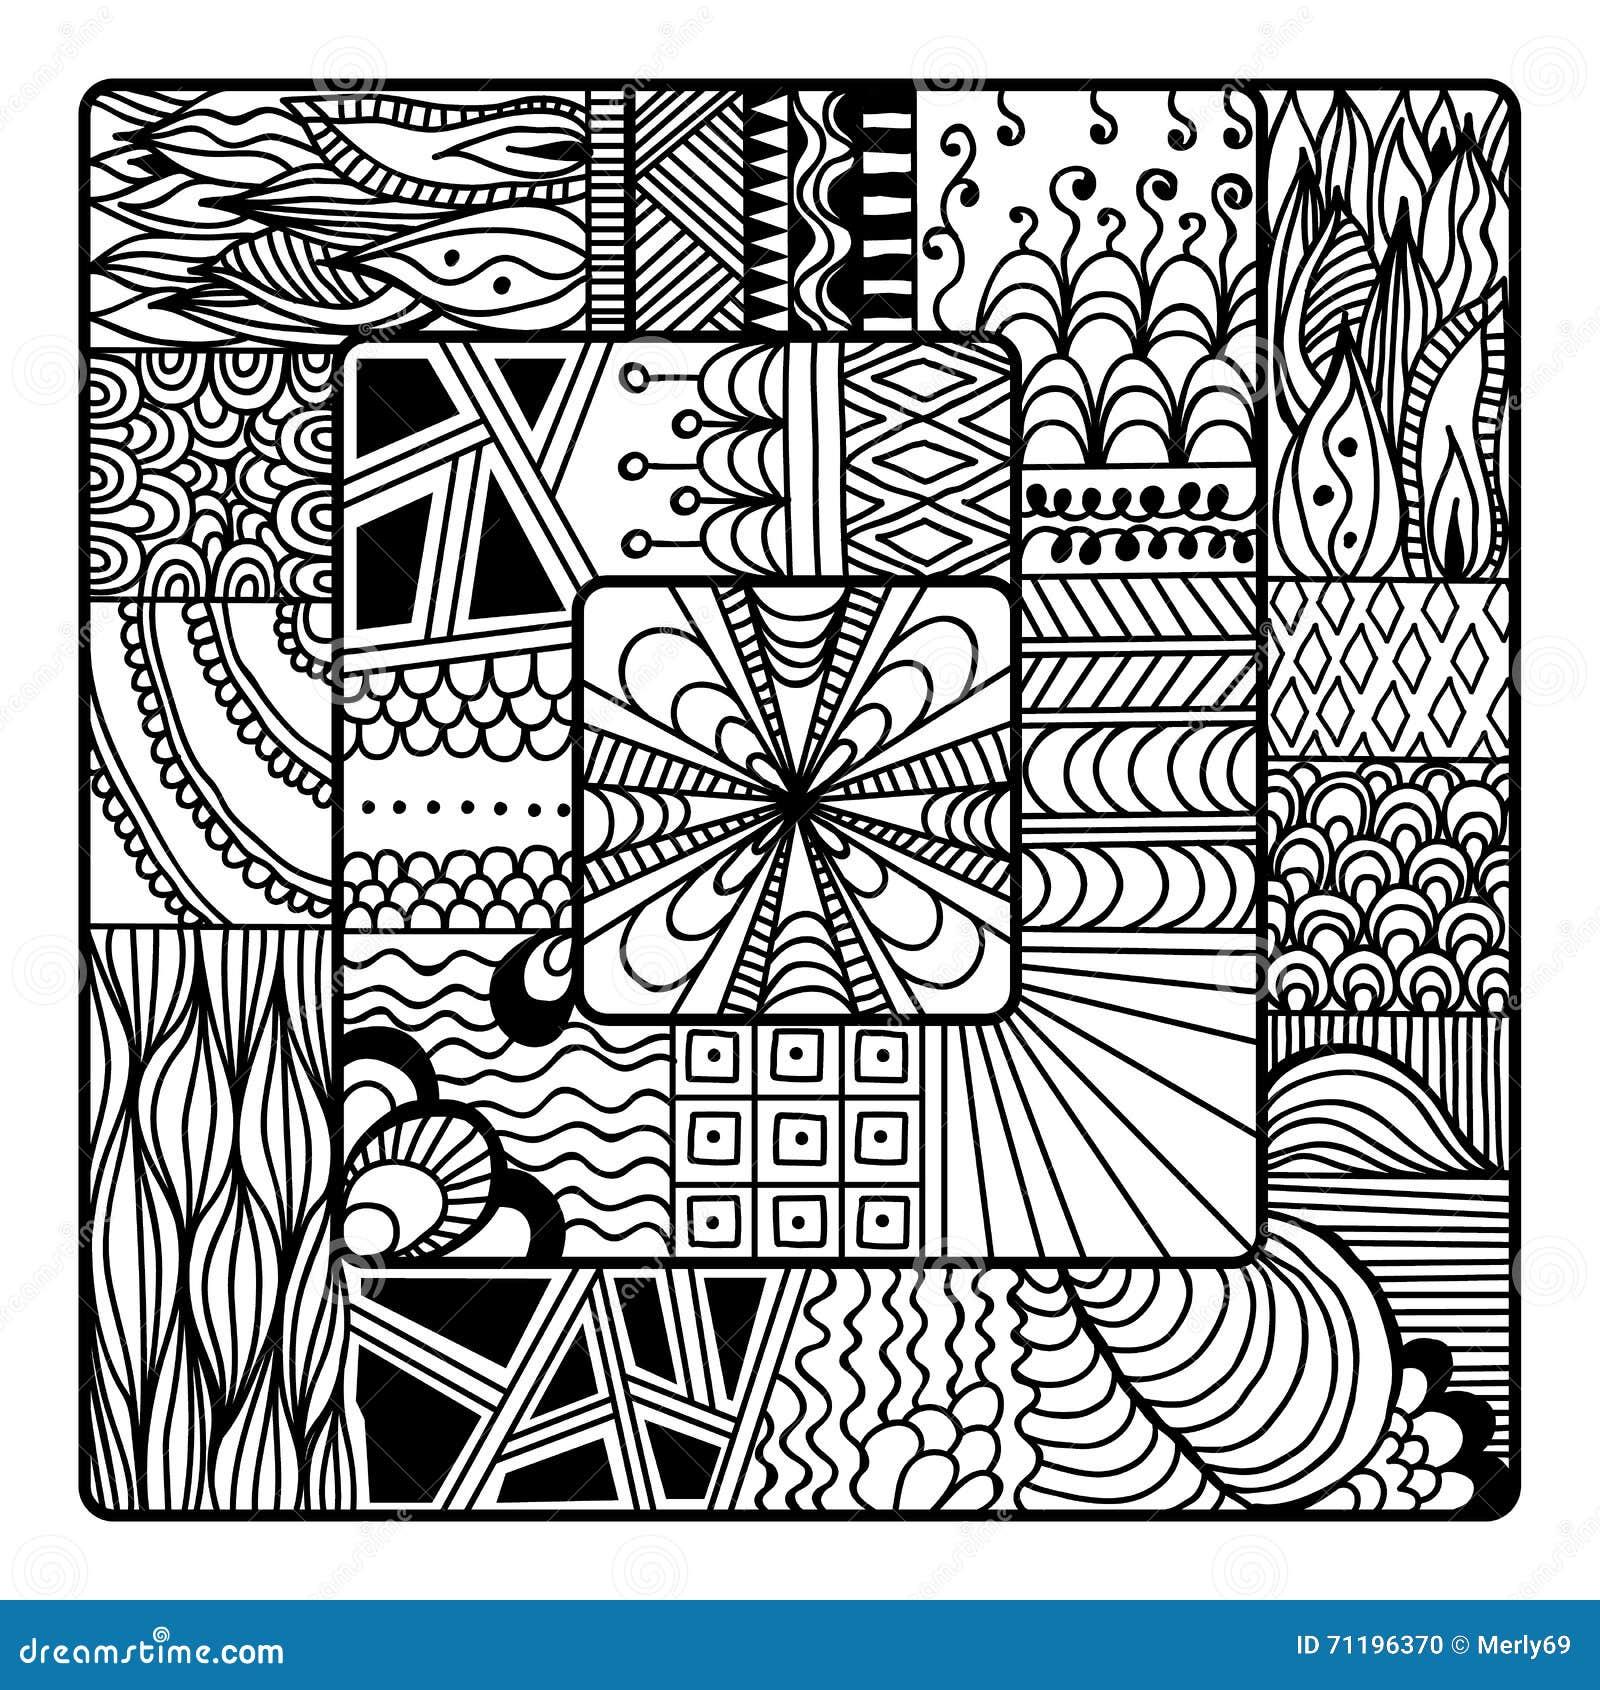 royalty free vector download zentangle vector for coloring book - Zentangle Coloring Book